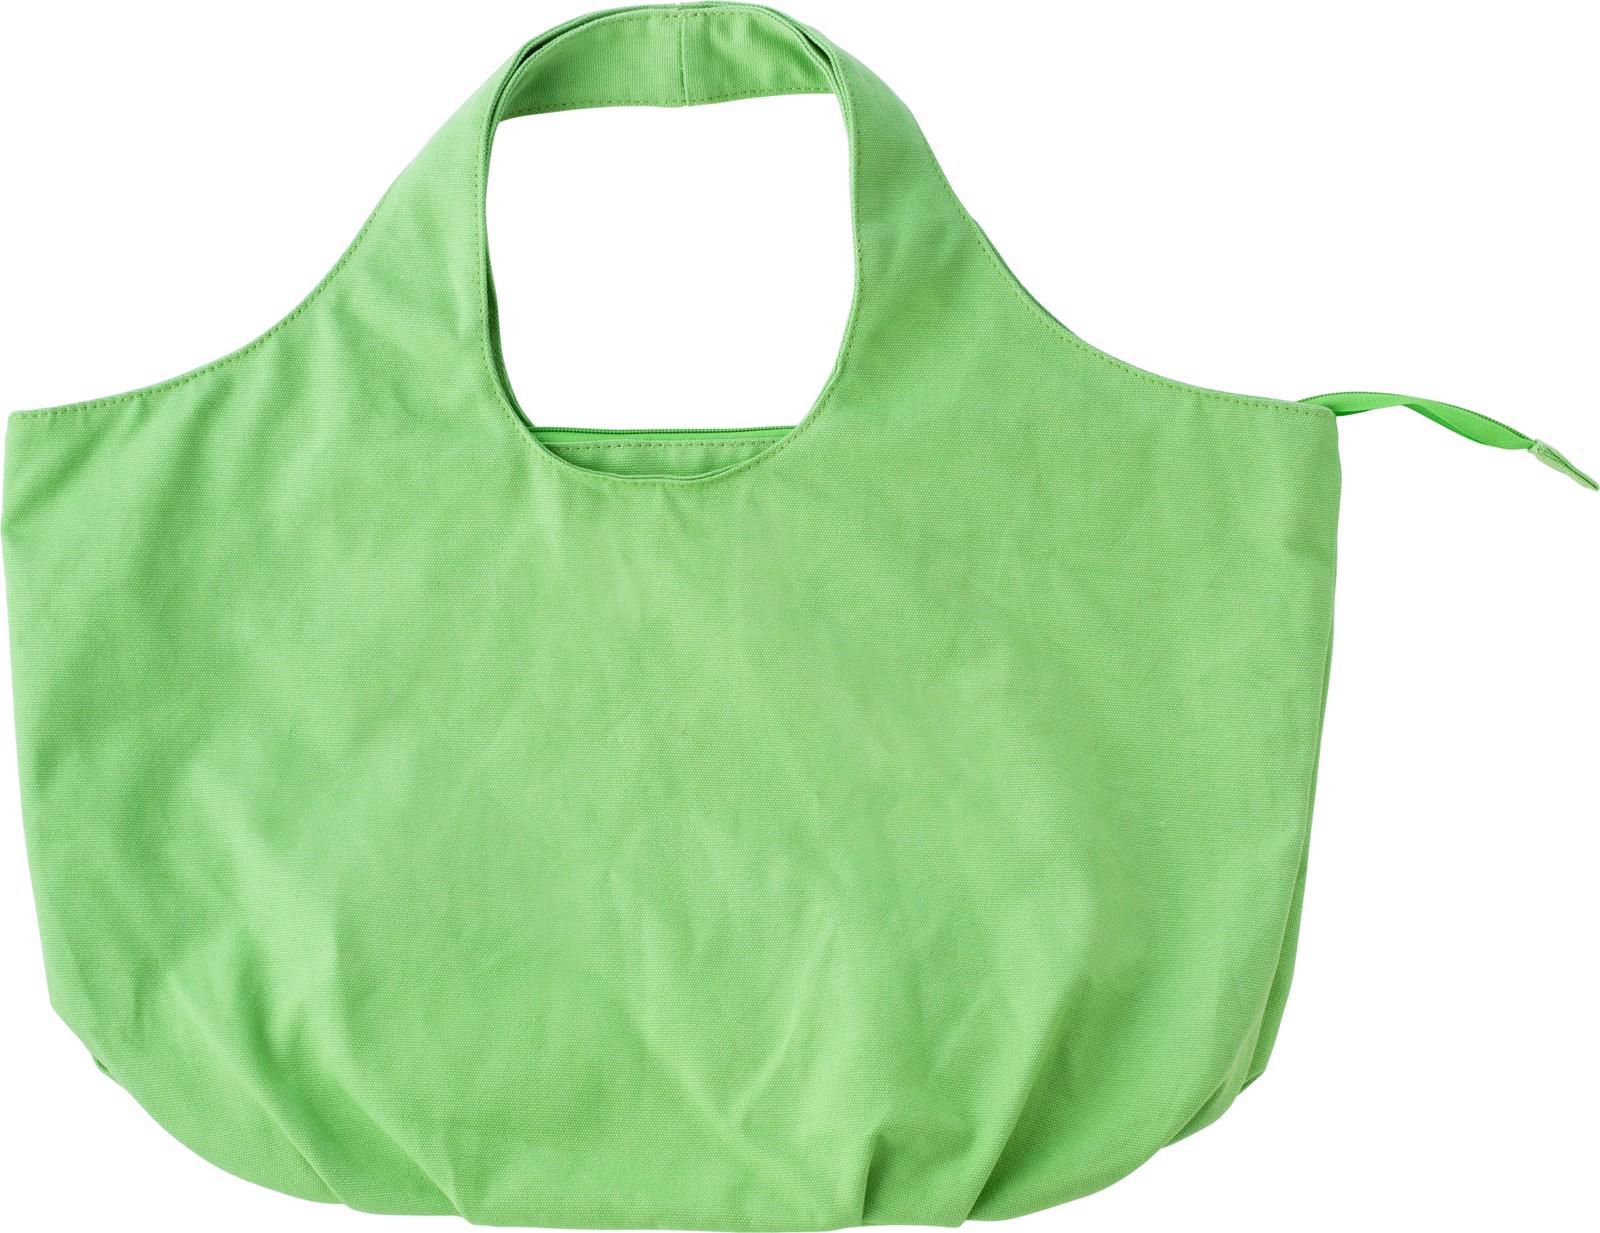 Cotton beach bag, - Light Green